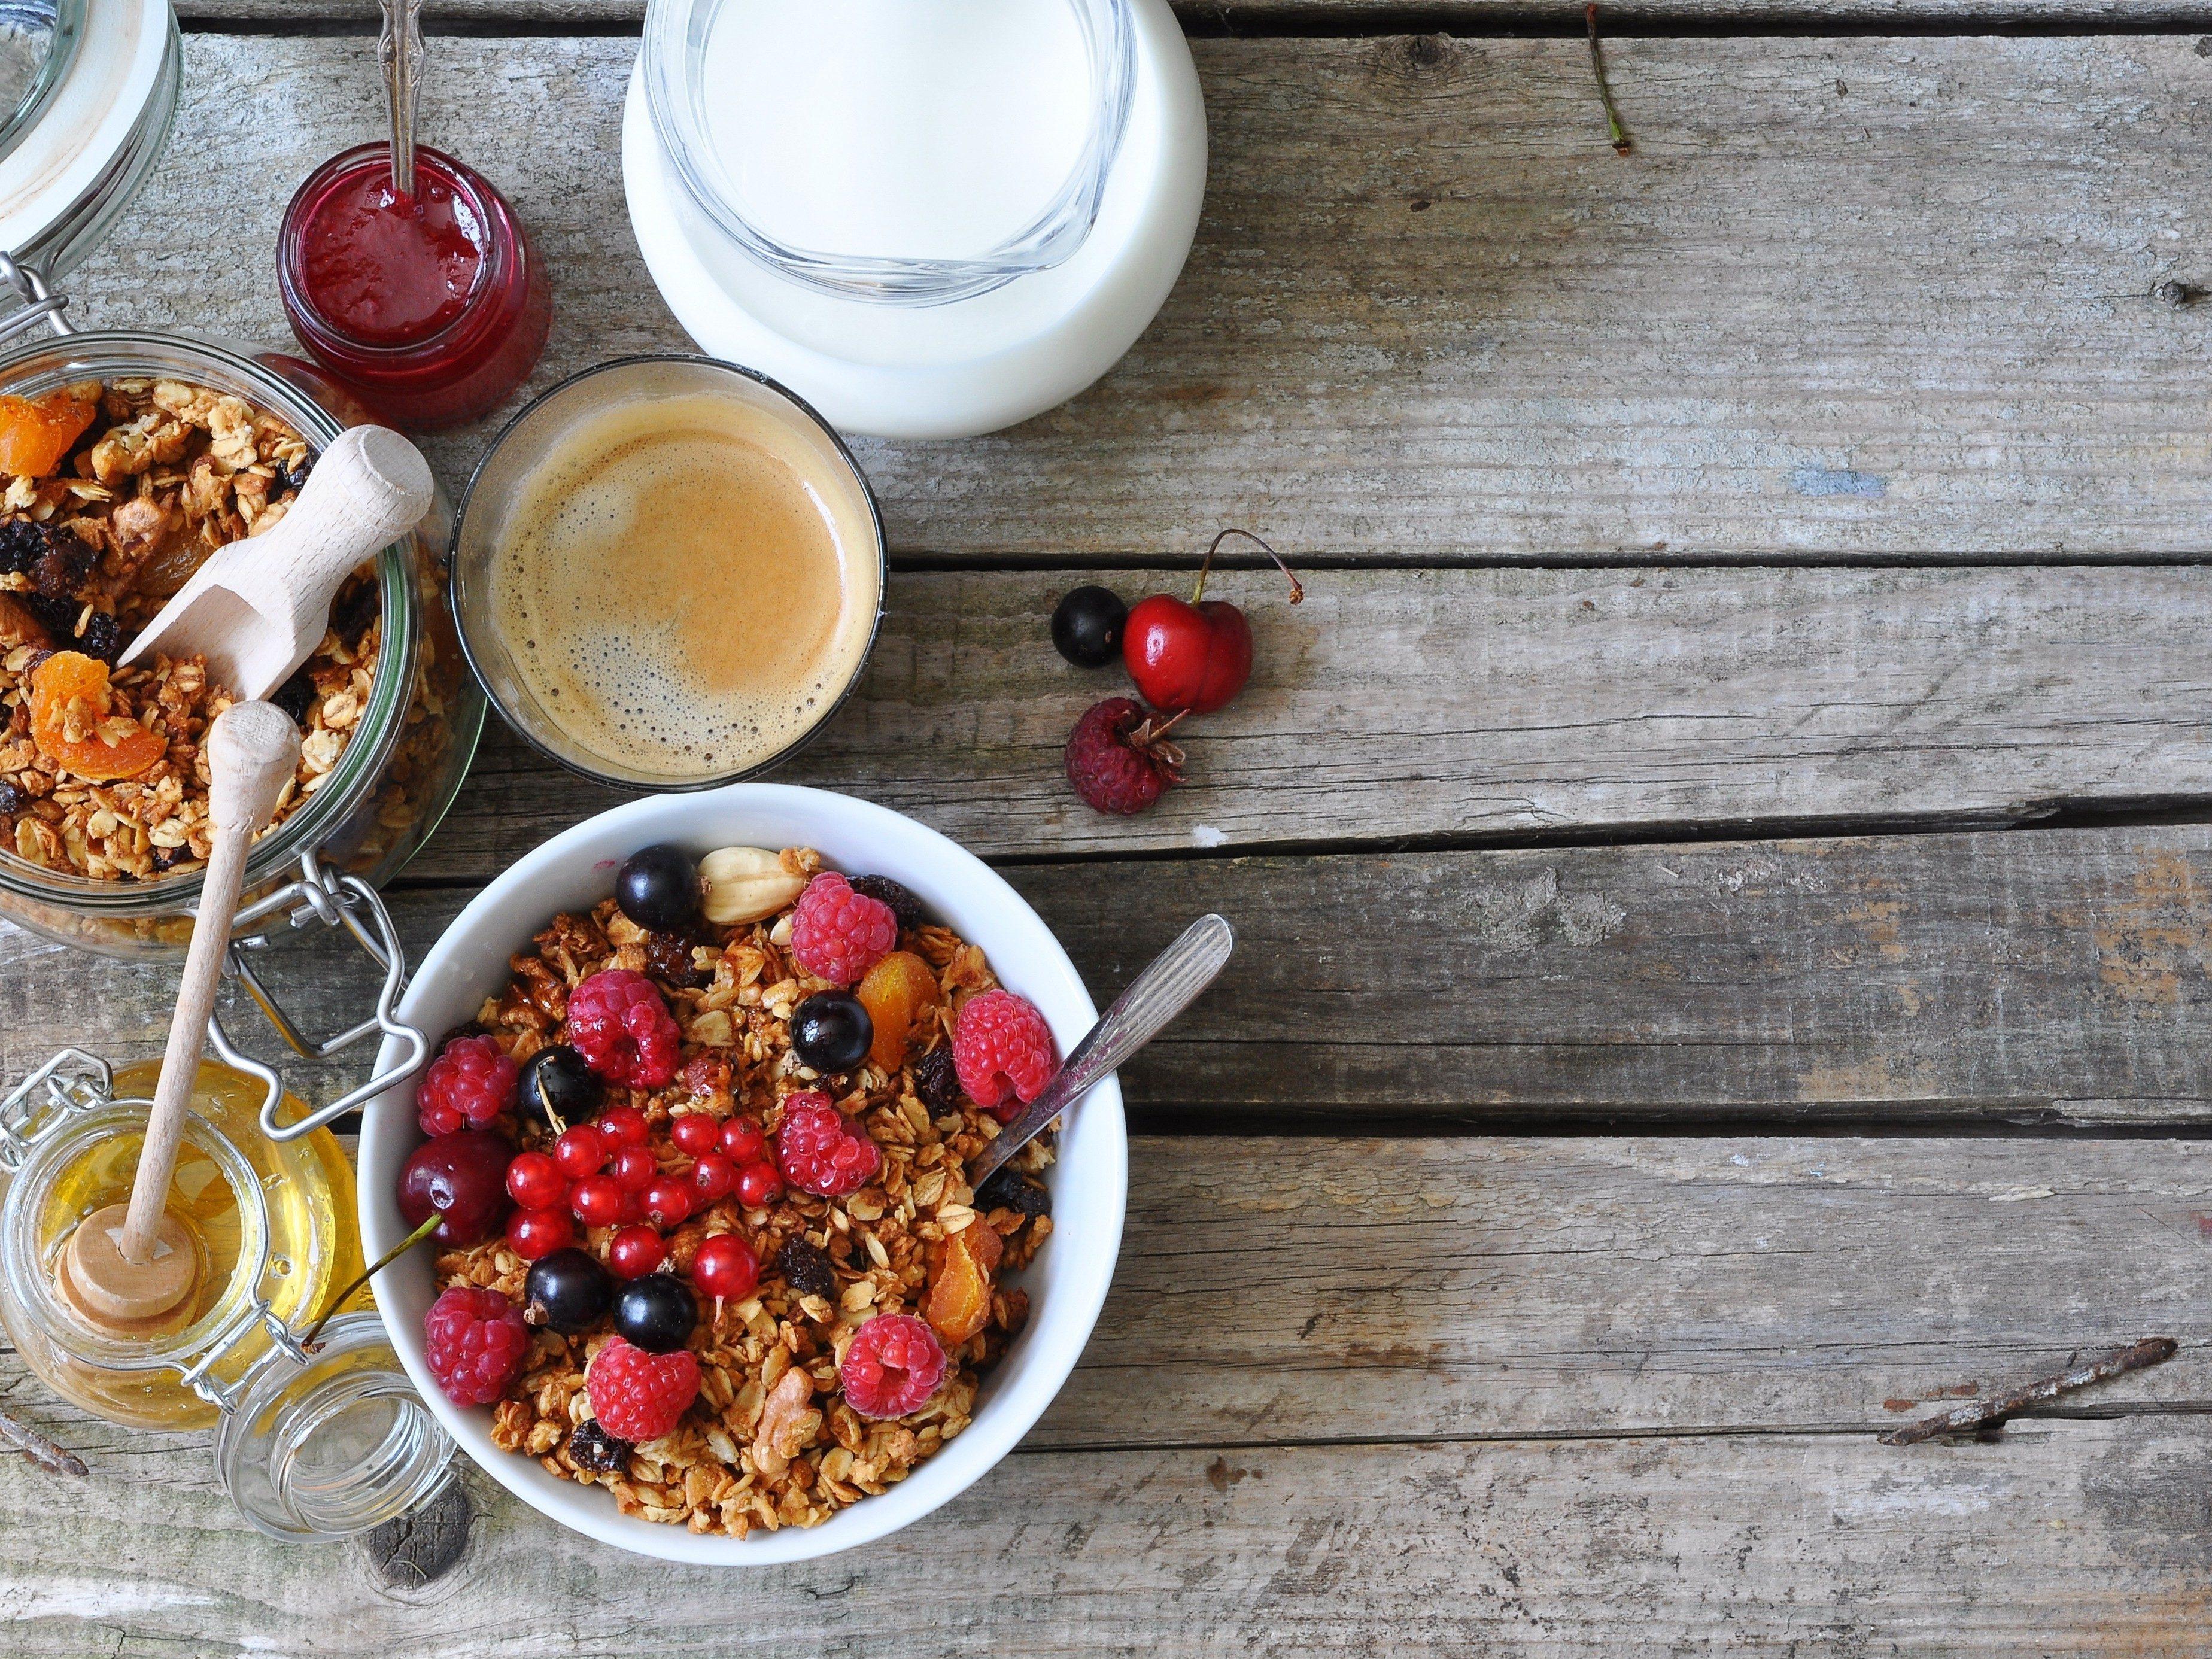 2. Never skip breakfast